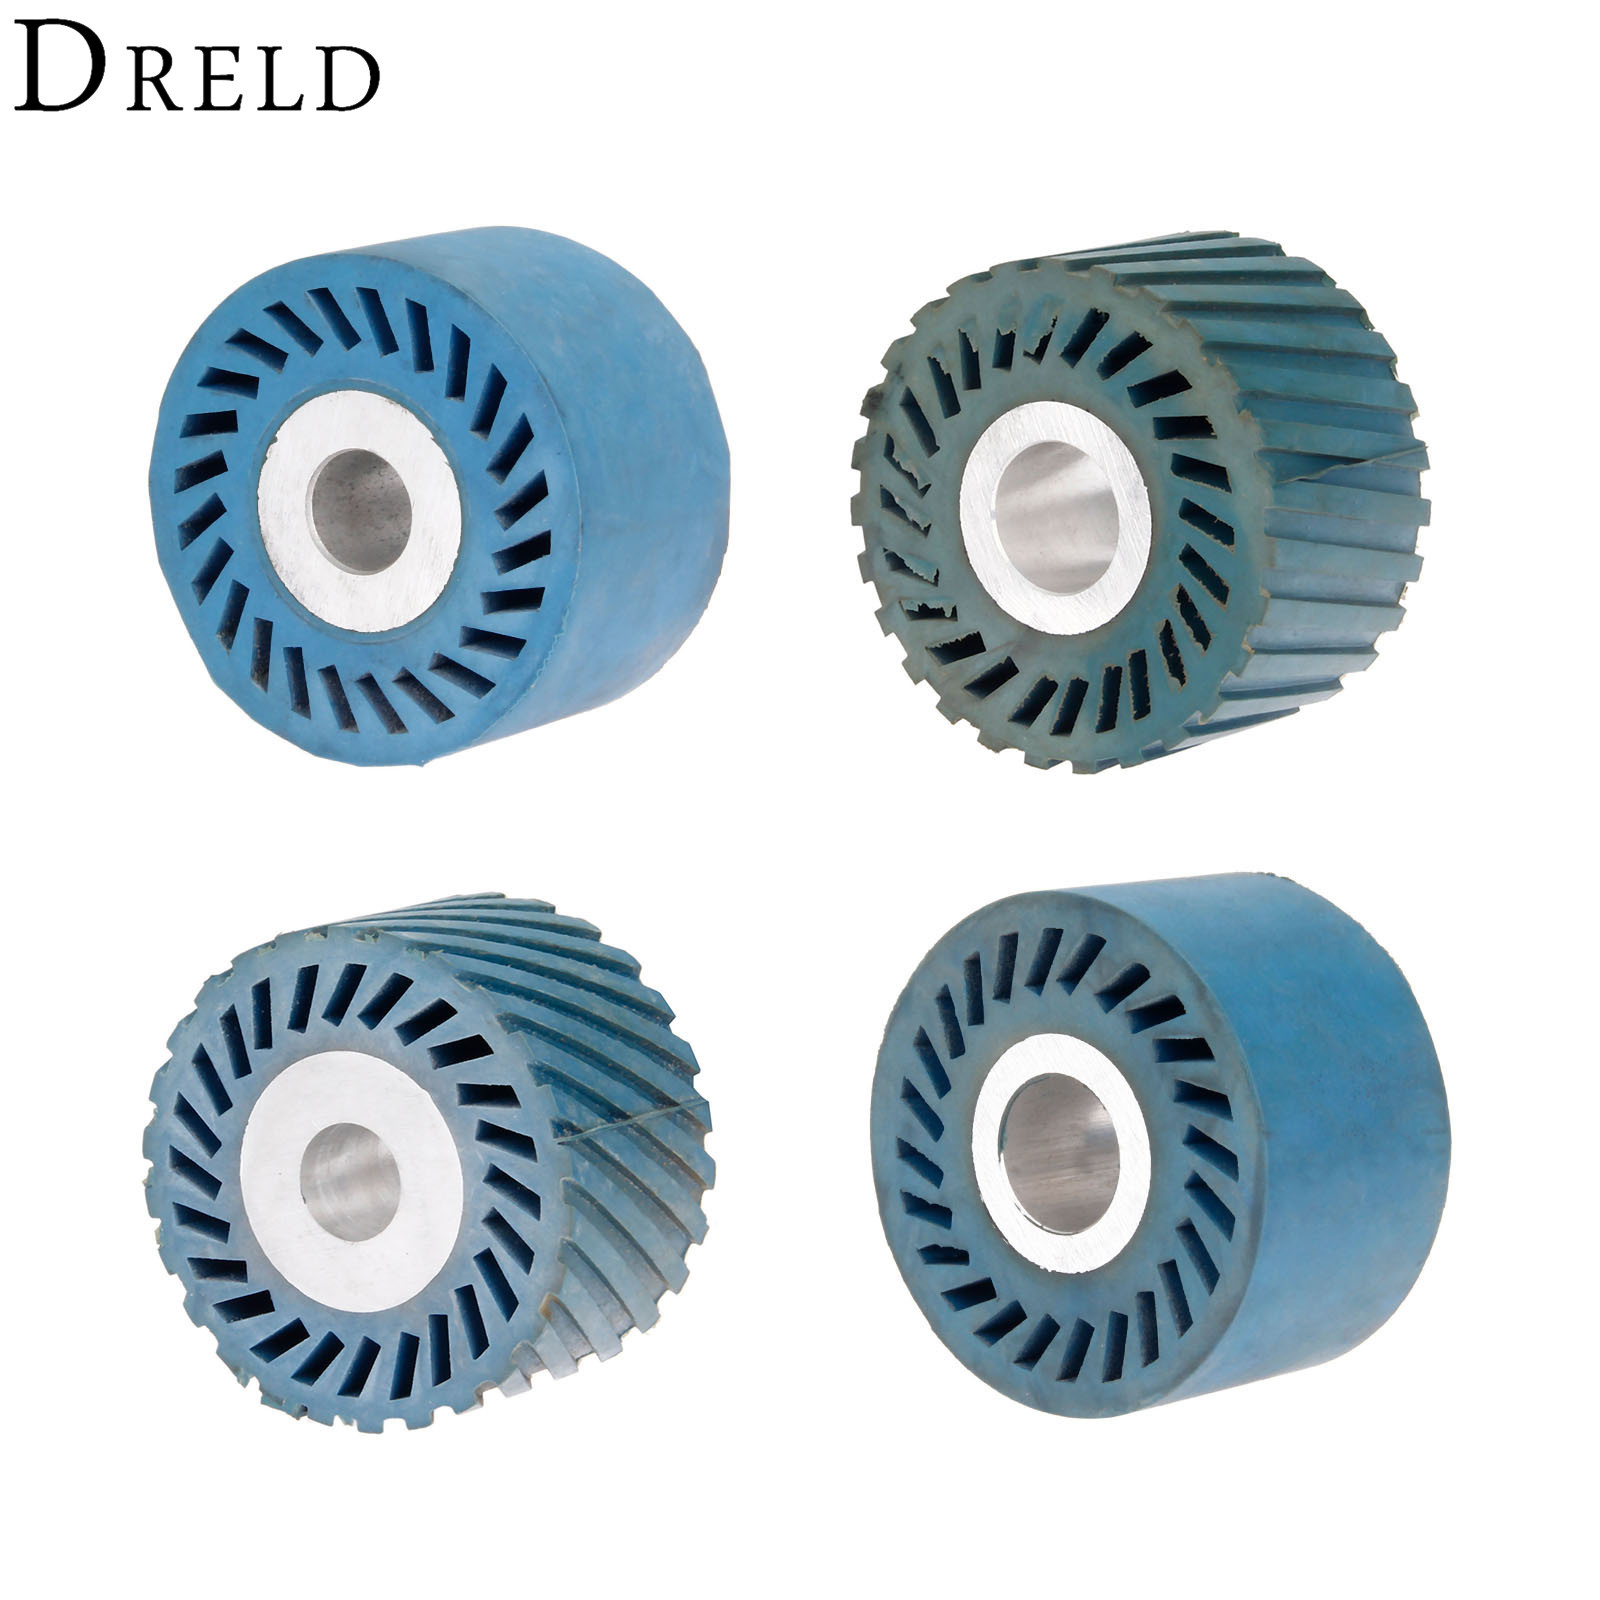 DRELD 86*50mm Solid Grooved Rubber Contact Wheel For Belt Grinder Sander Polishing Chamfering Grinding Wheel Abrasive Belt